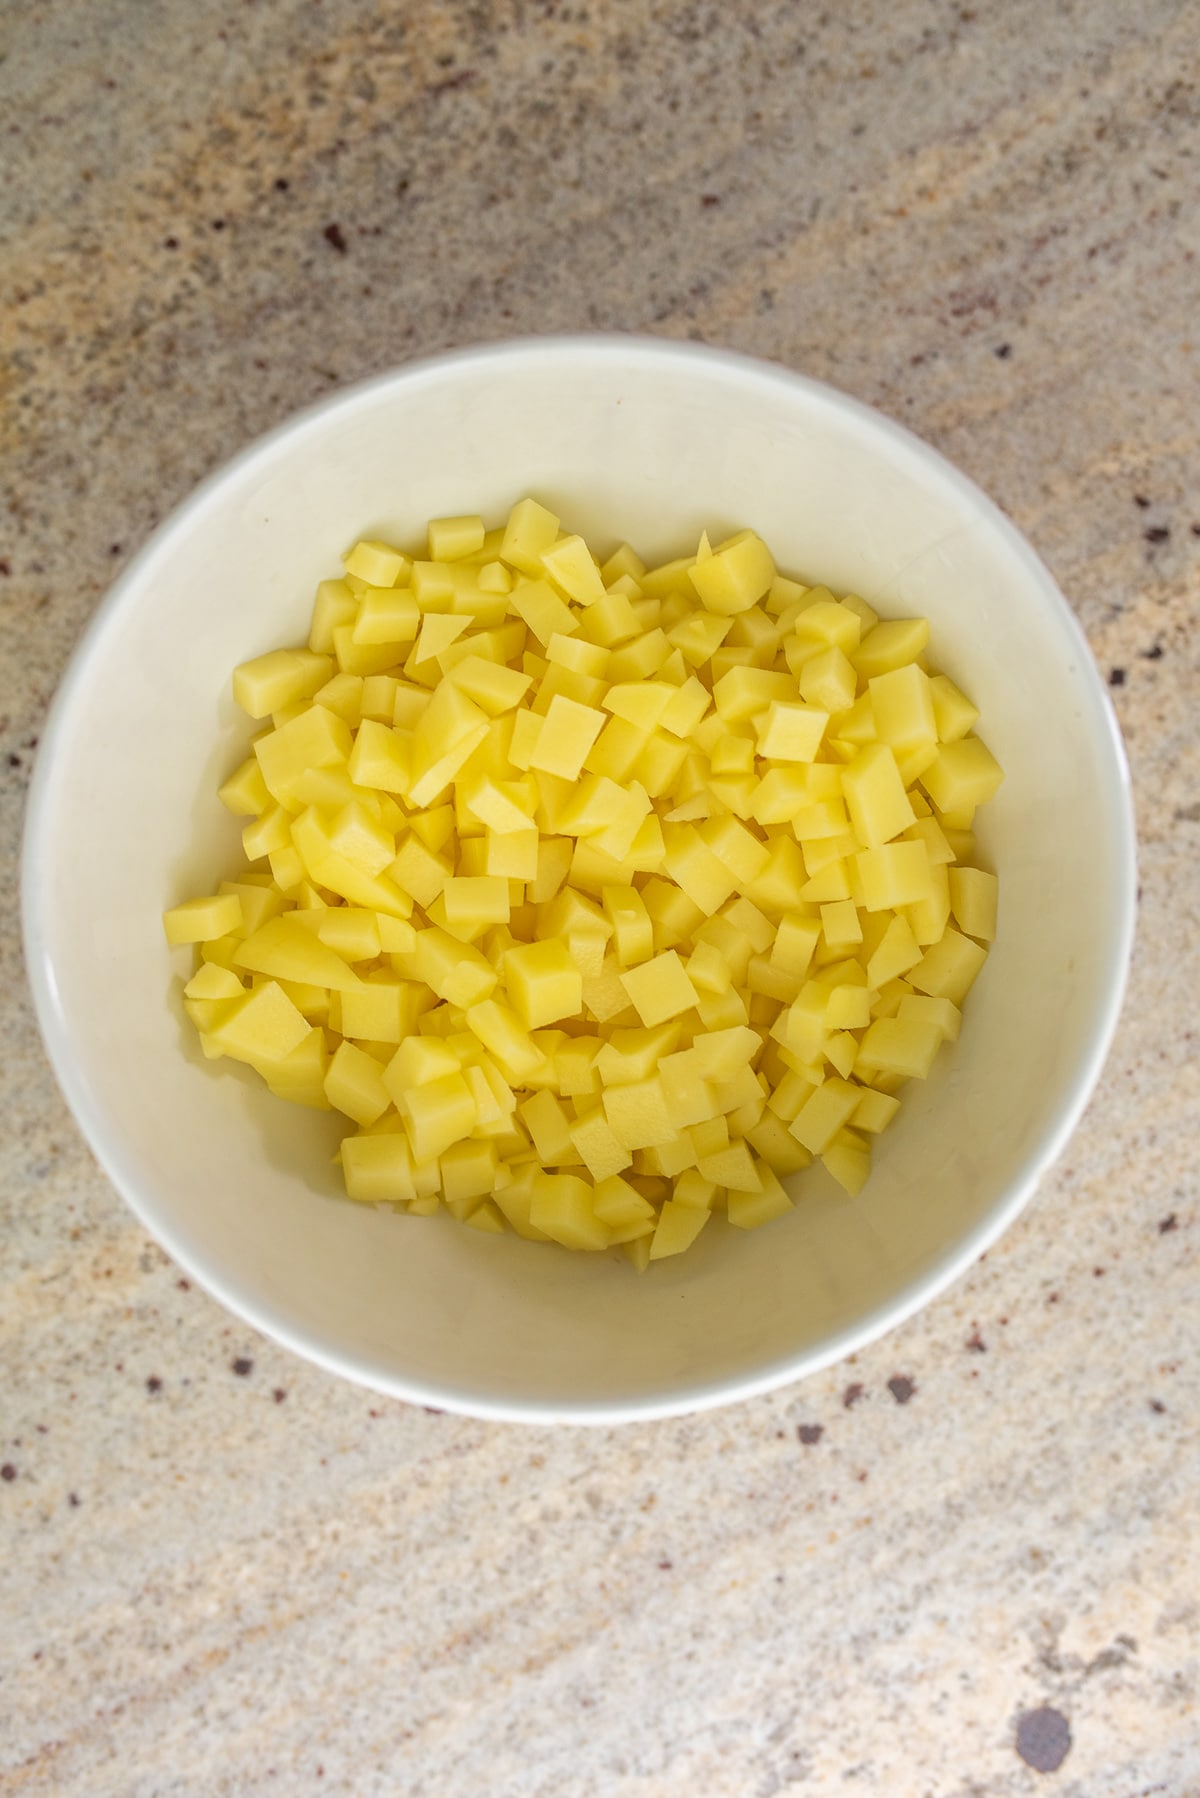 ziemniaki pokrojone w drobną kostkę